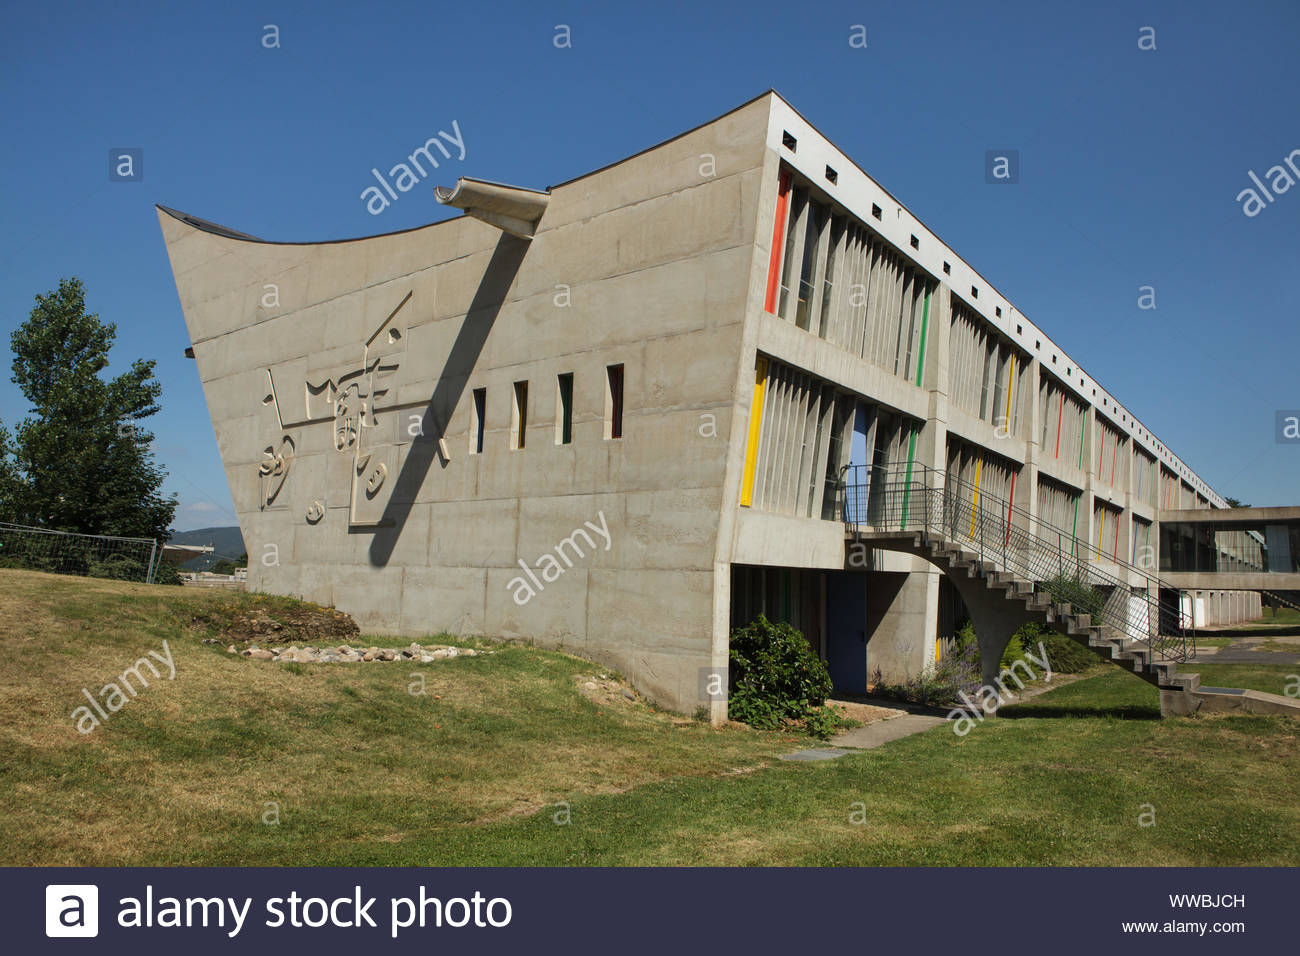 cultural centre maison de la culture de firminy vert designed by swiss modernist architect le corbusier 1965 in firminy near lyon france WWBJCH